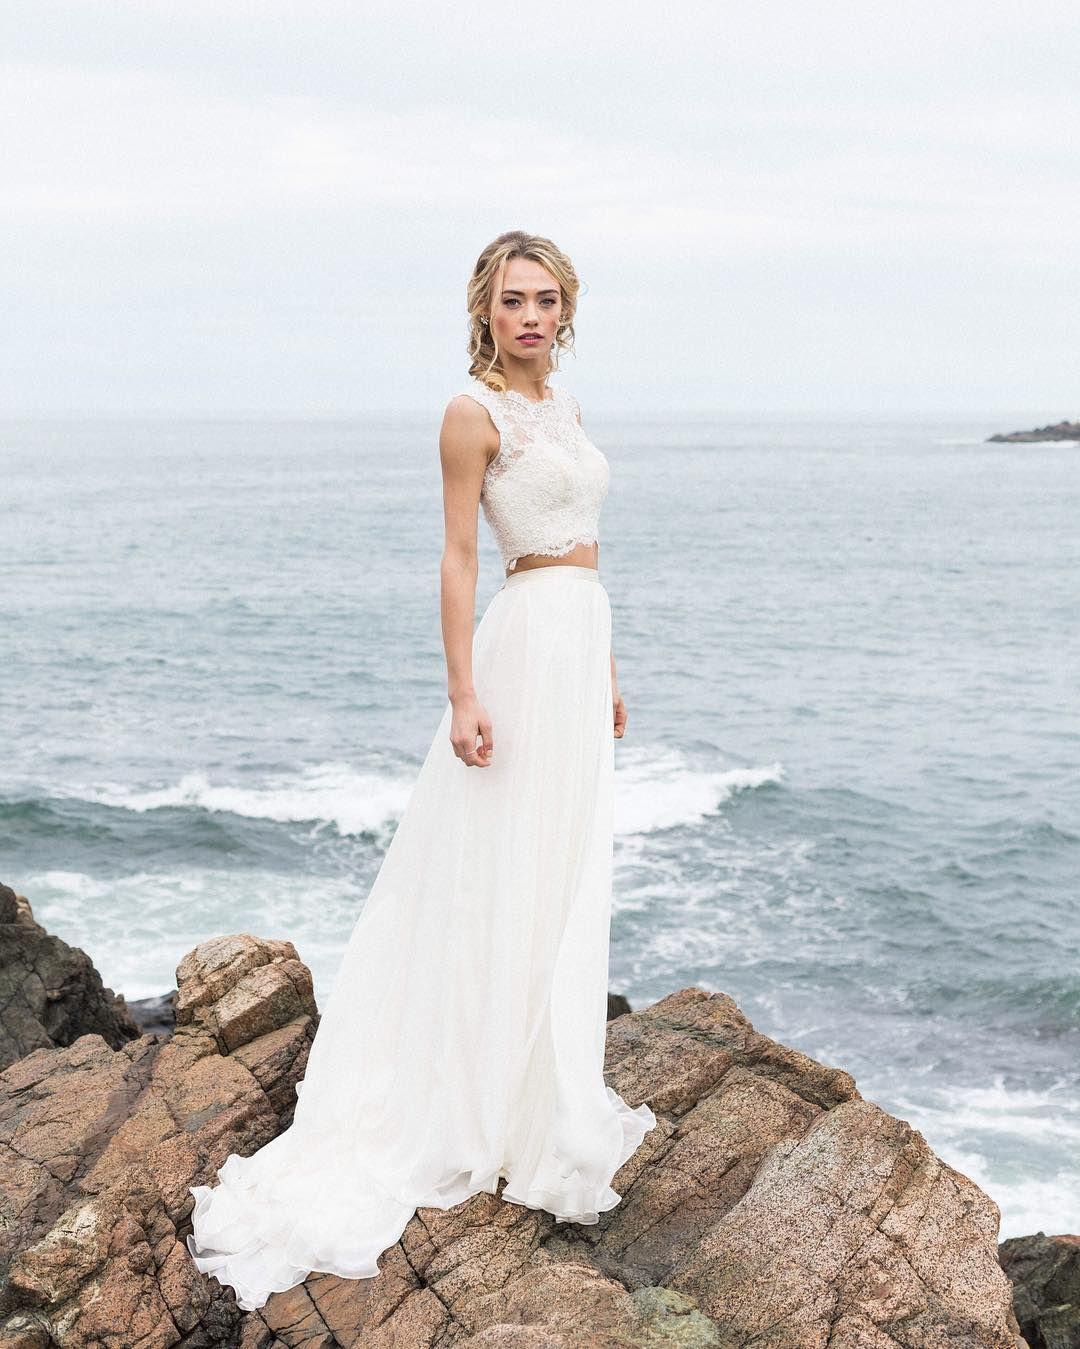 Beach wedding looks  Ver esta foto do Instagram de livypoulin u  curtidas  wedding